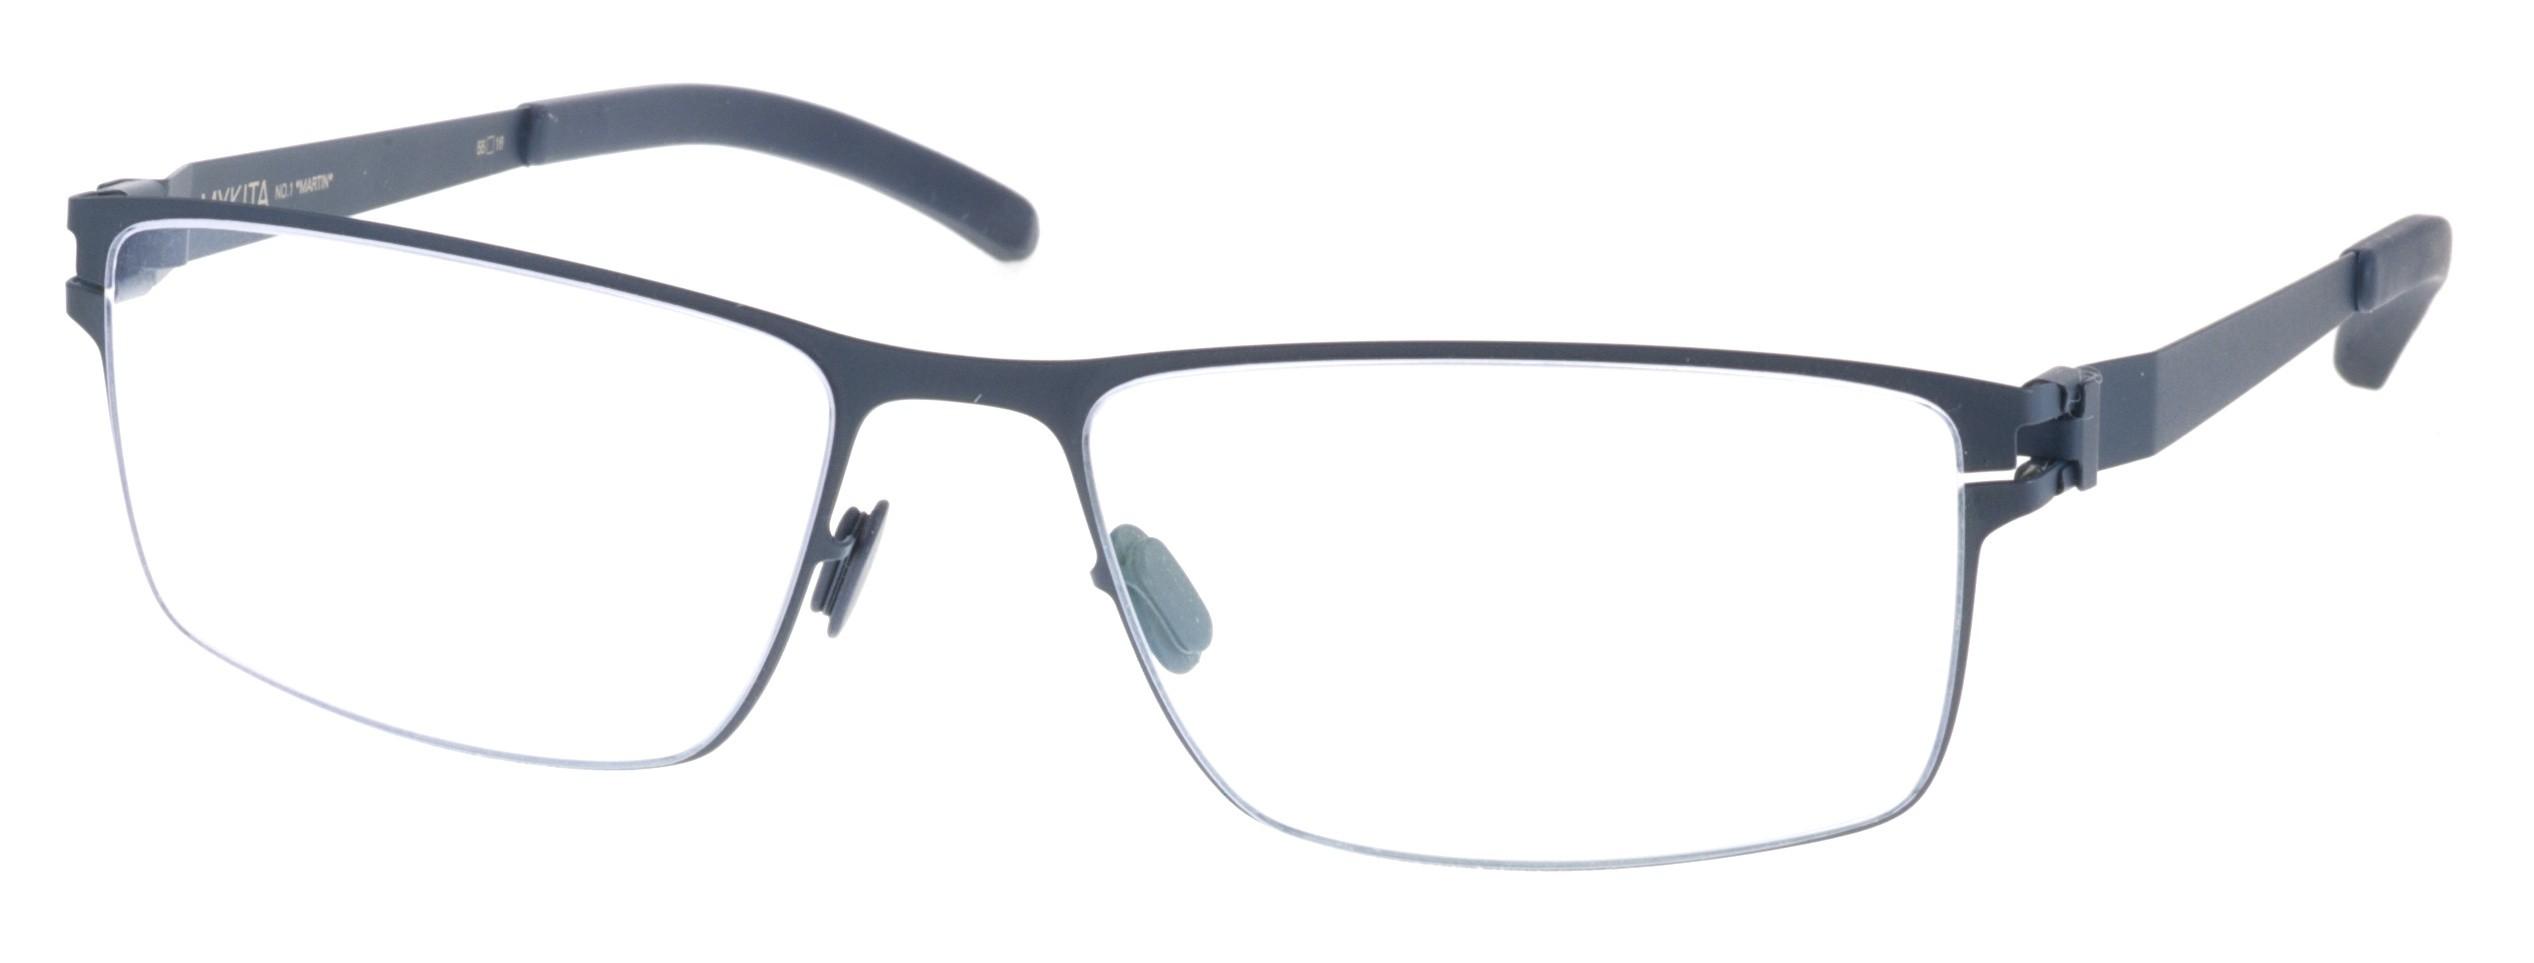 Clear Acetate Frames | Mykita Edwin | Mykita Glasses